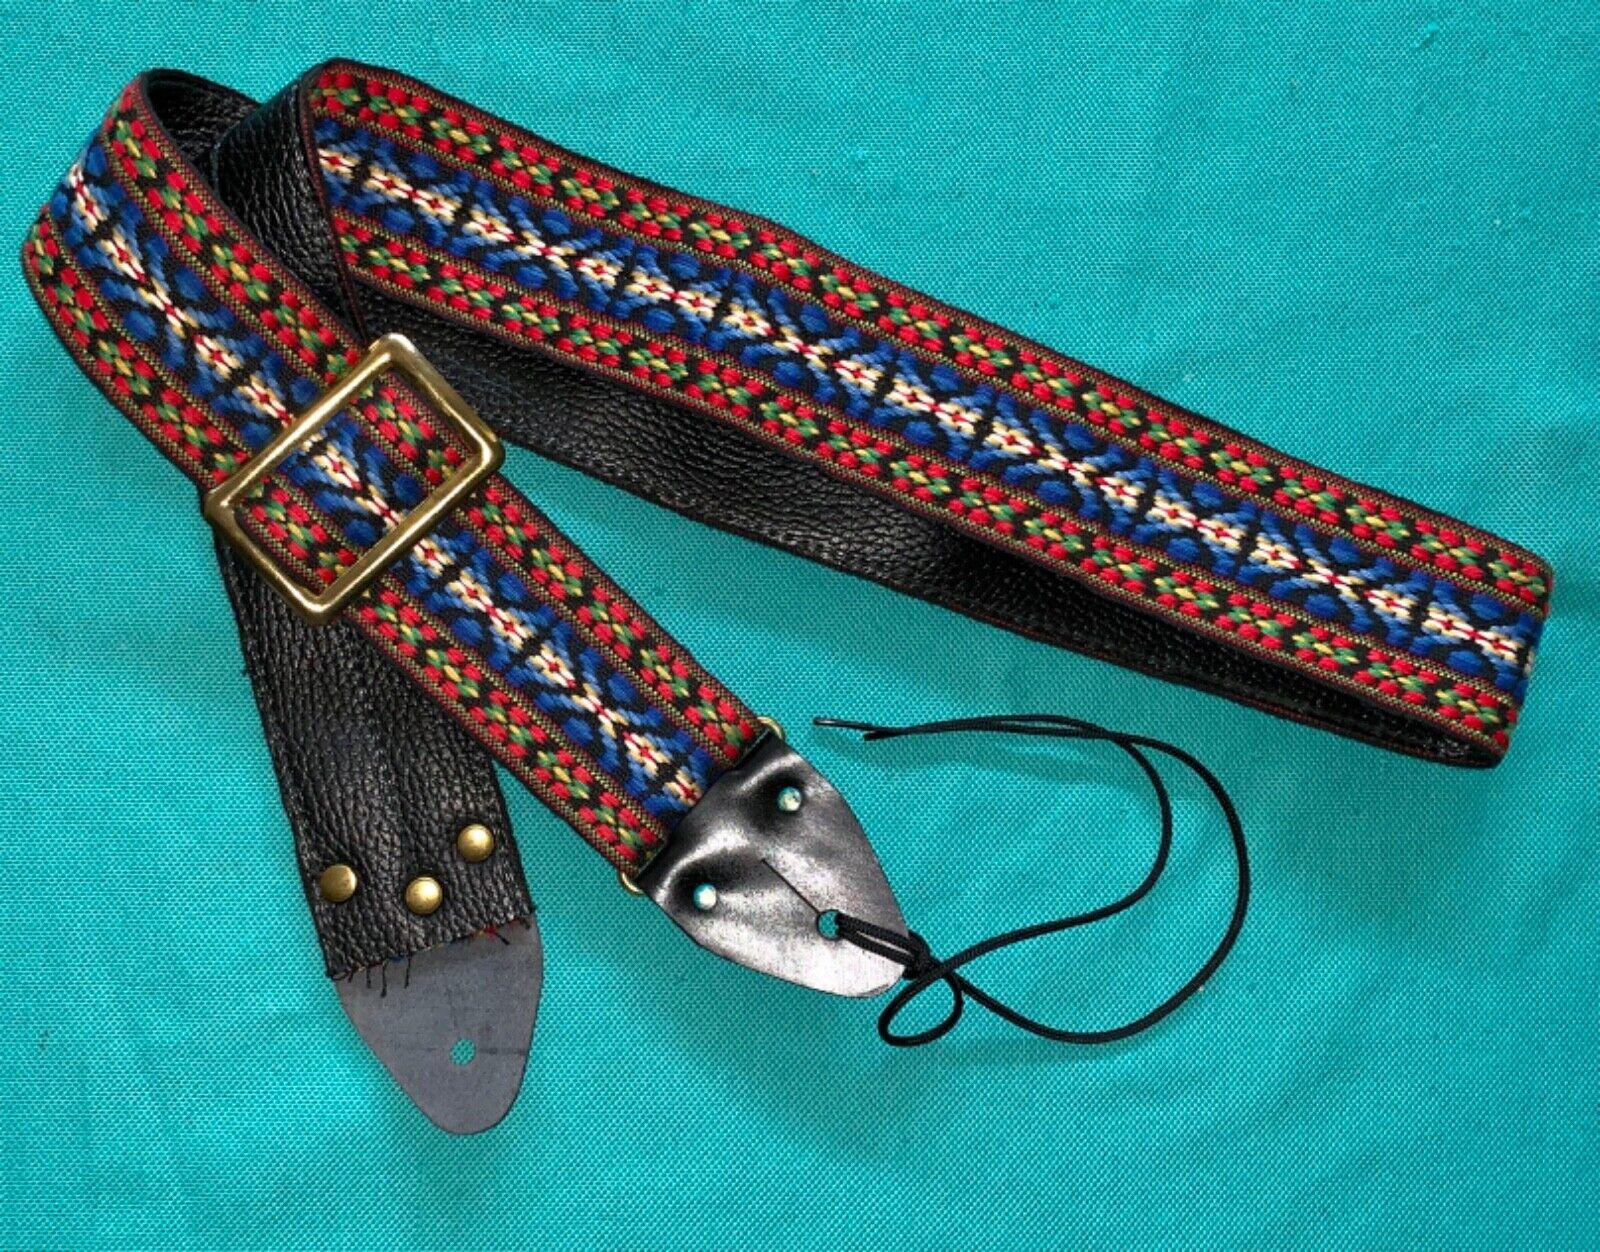 Vtg Matador Blau Bohemian ACE Style Woven Guitar Strap Made in USA